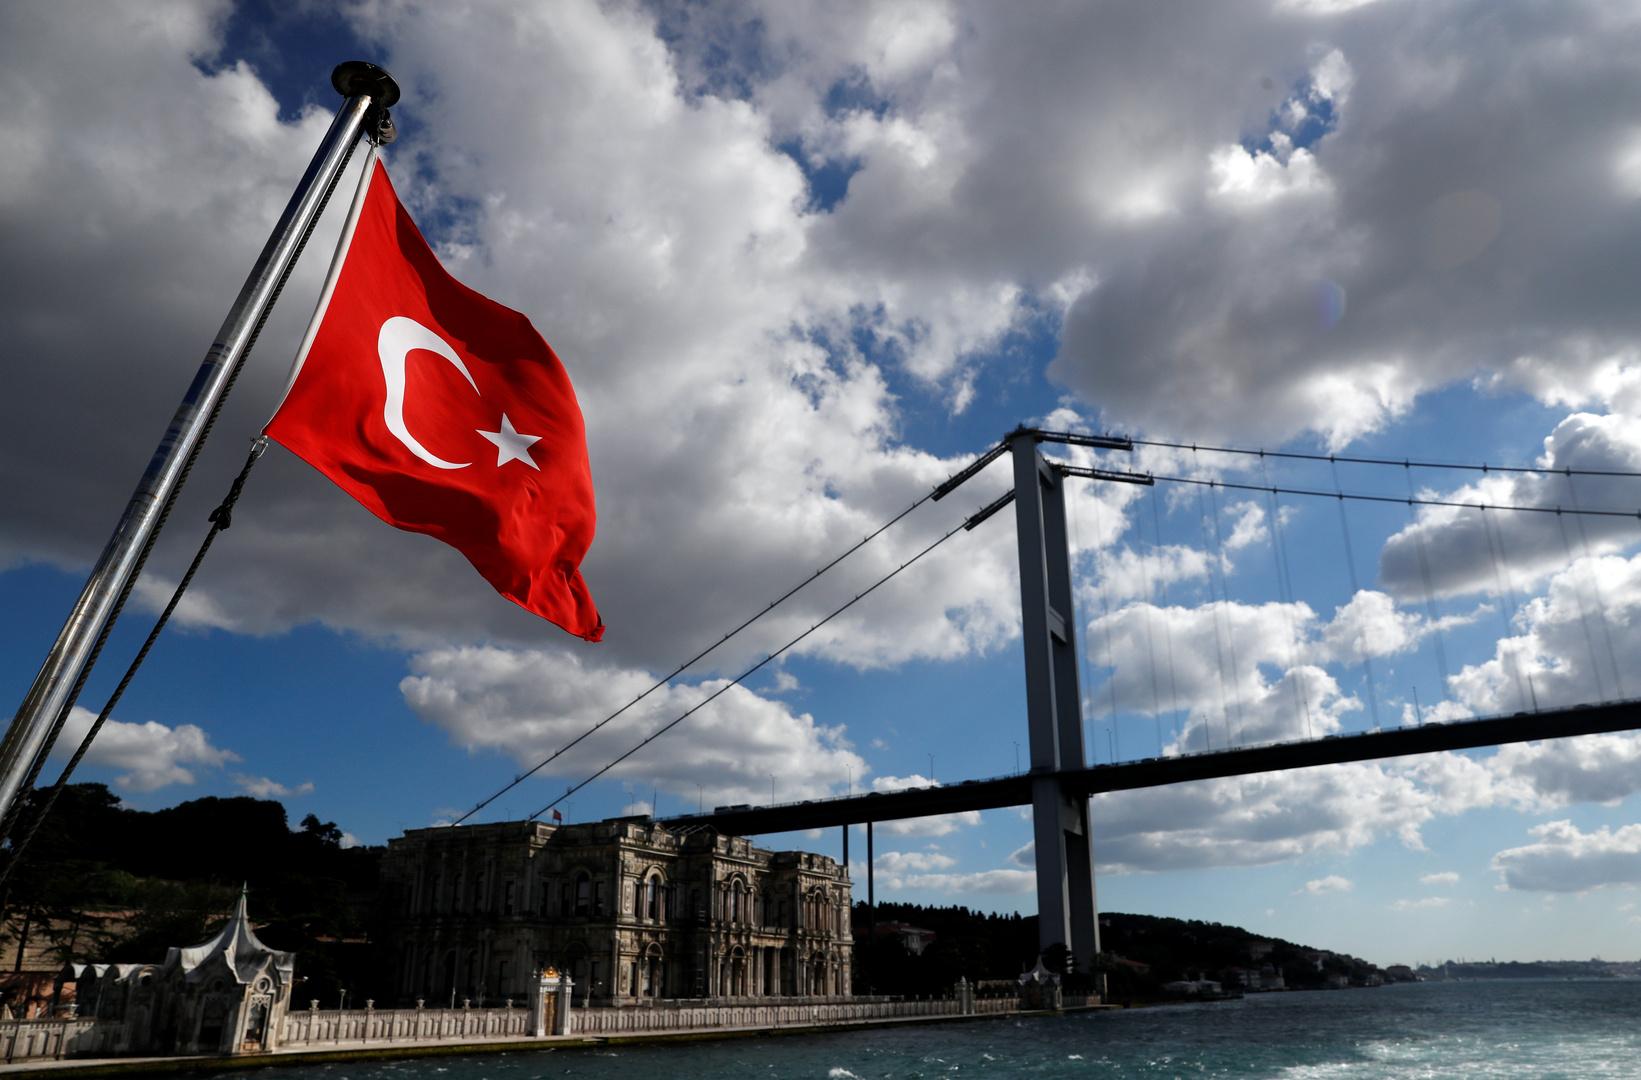 تركيا تتحرك لإصدار مذكرة توقيف دولية ضد مؤسس منصة لصرف العملات الرقمية